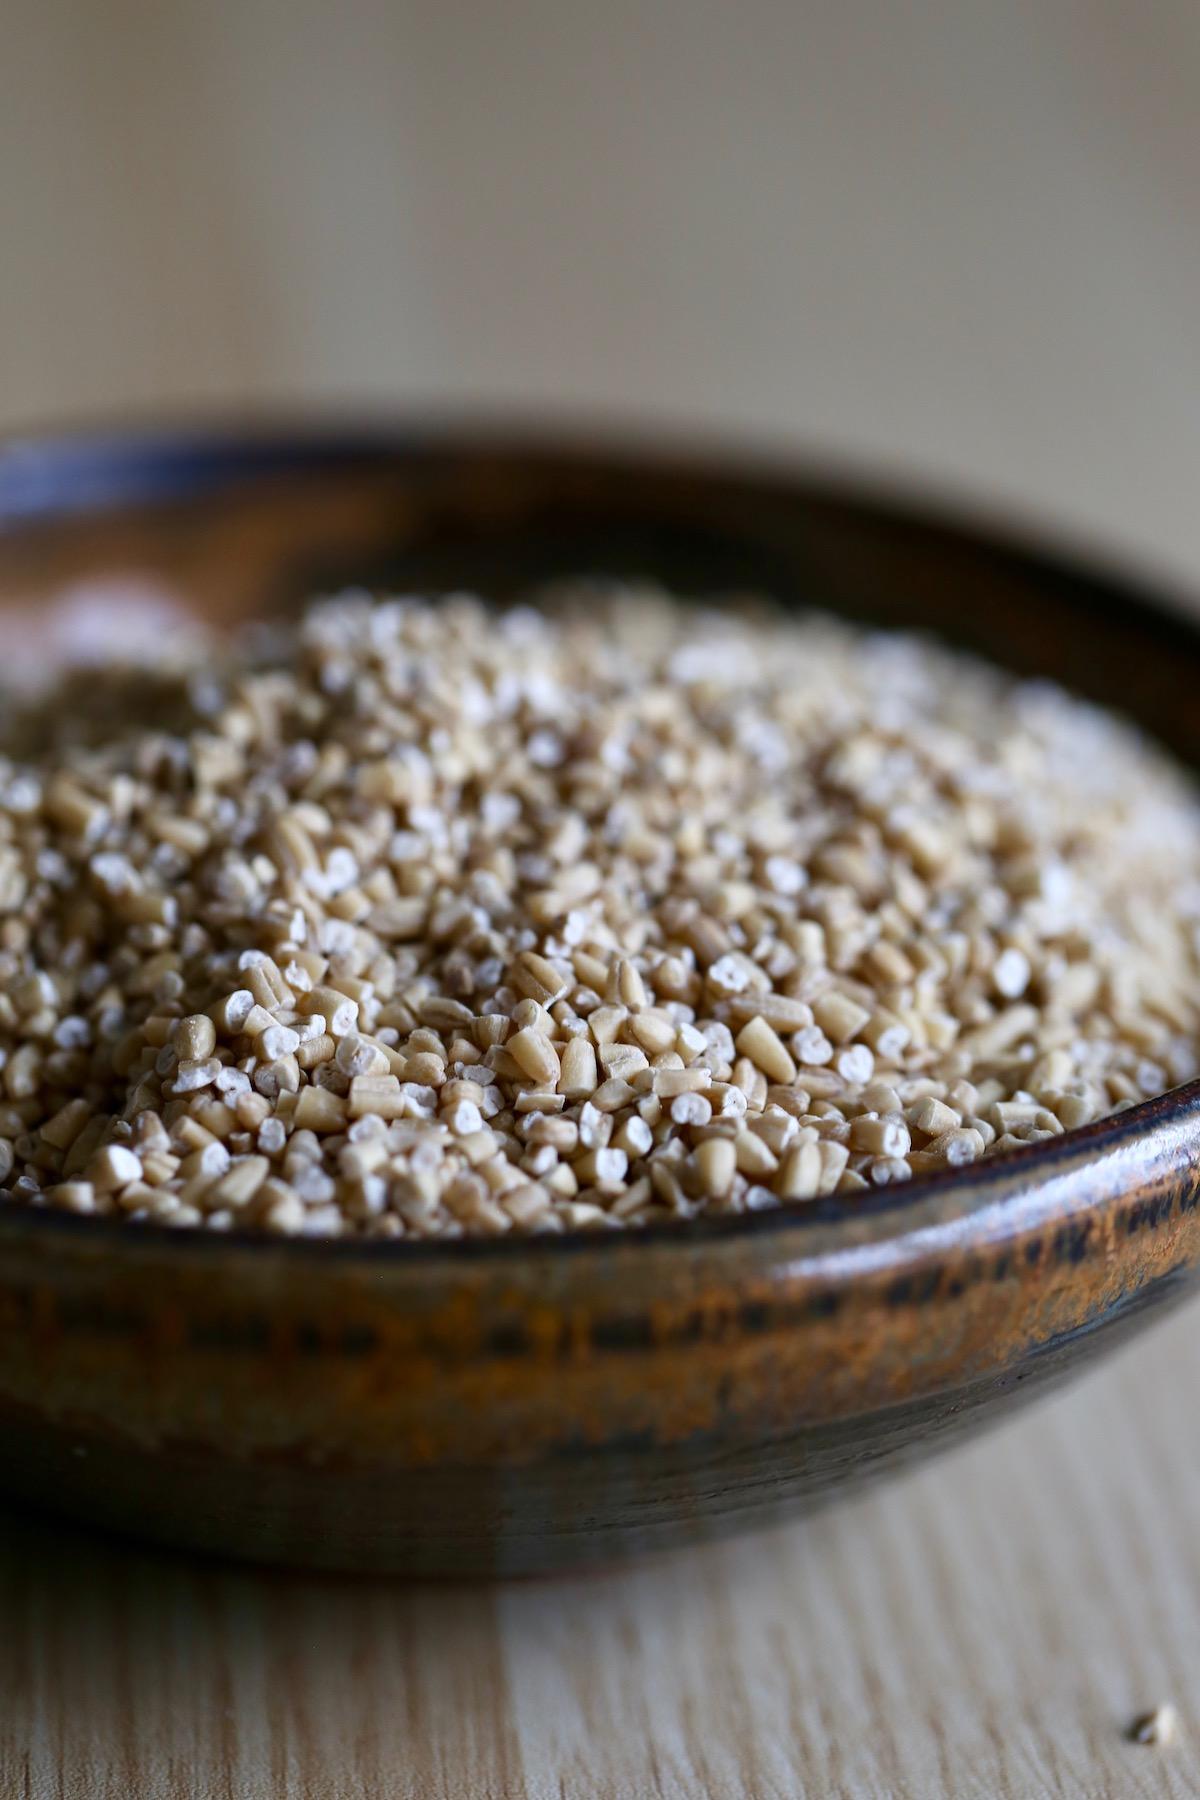 raw steel cut oats in a bowl